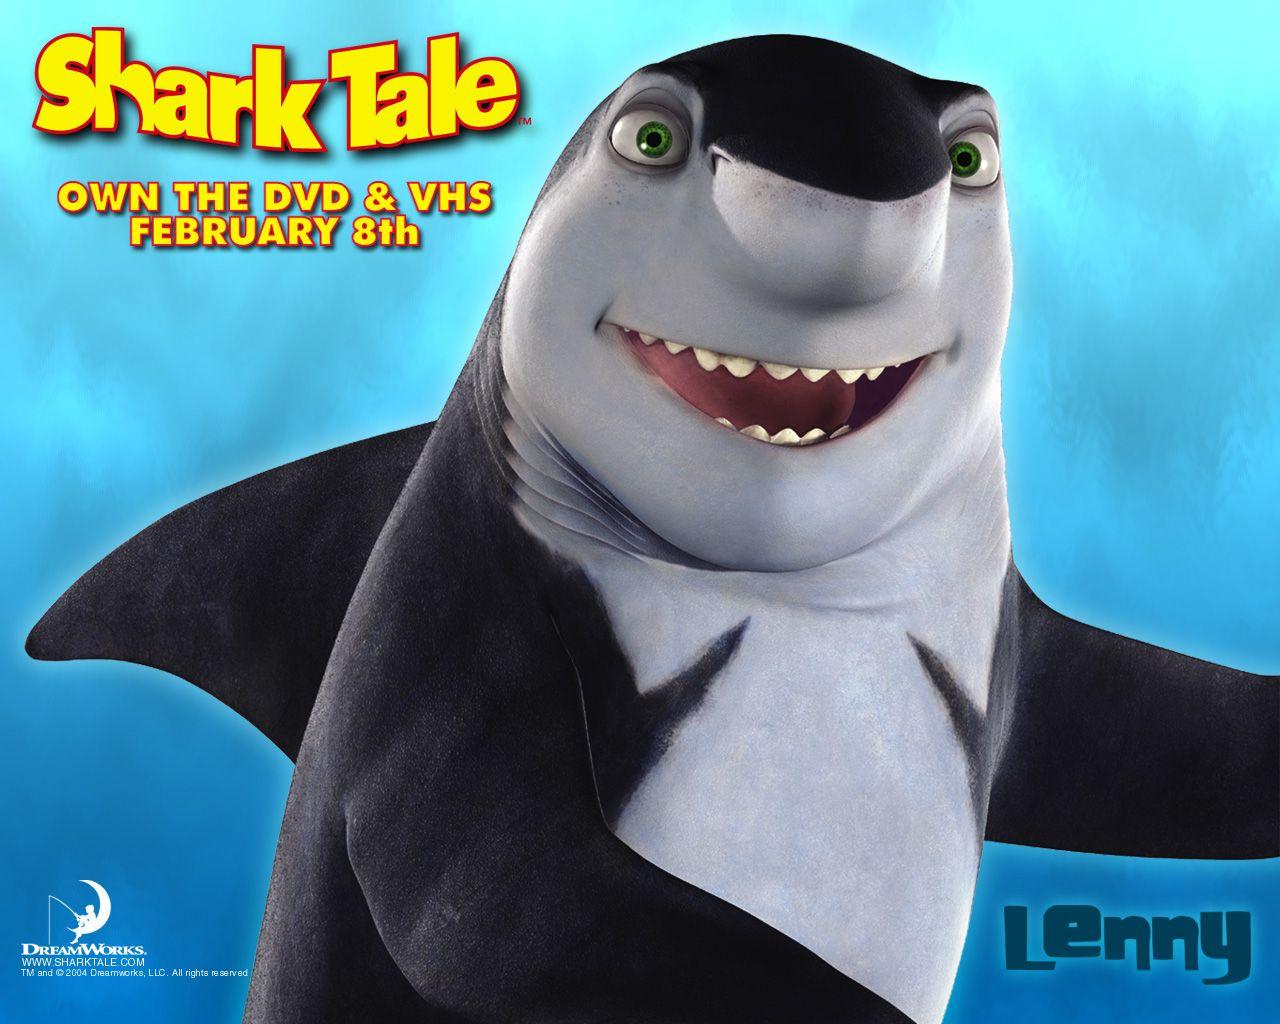 Now Playing Shark Tale 2004 Shark Tale Lenny Shark Tale Shark